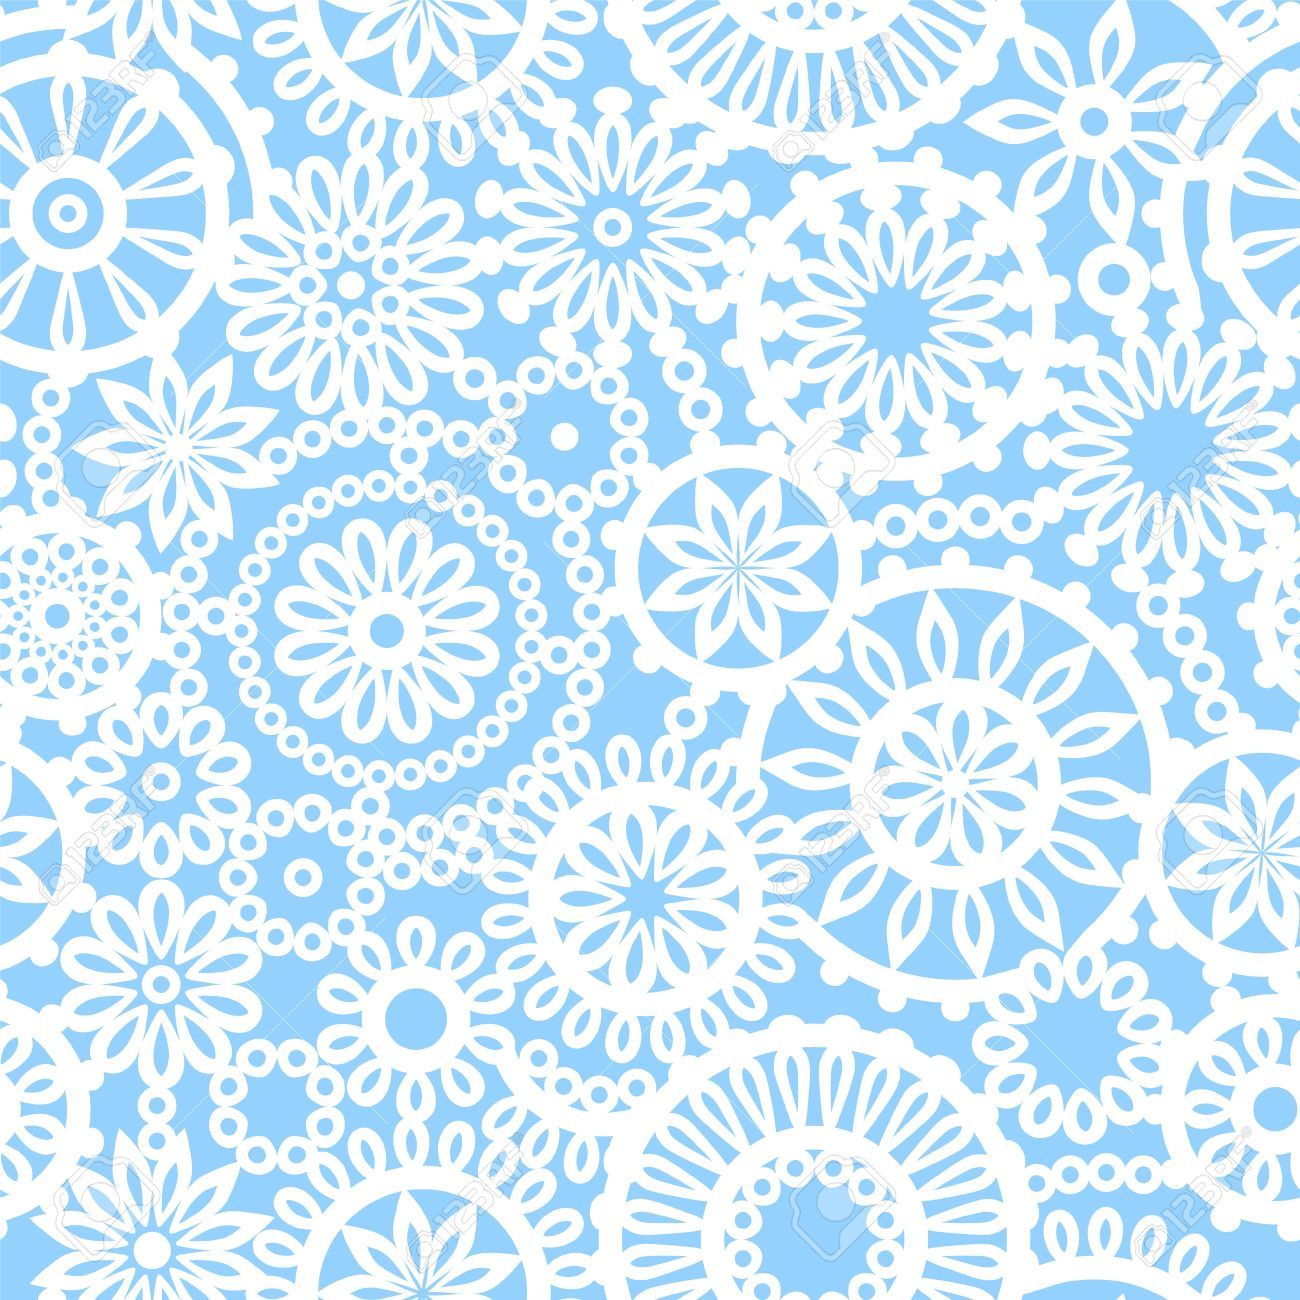 Blaue Und Weiße Geometrische Kreis Häkeln Blumen Nahtlose Muster